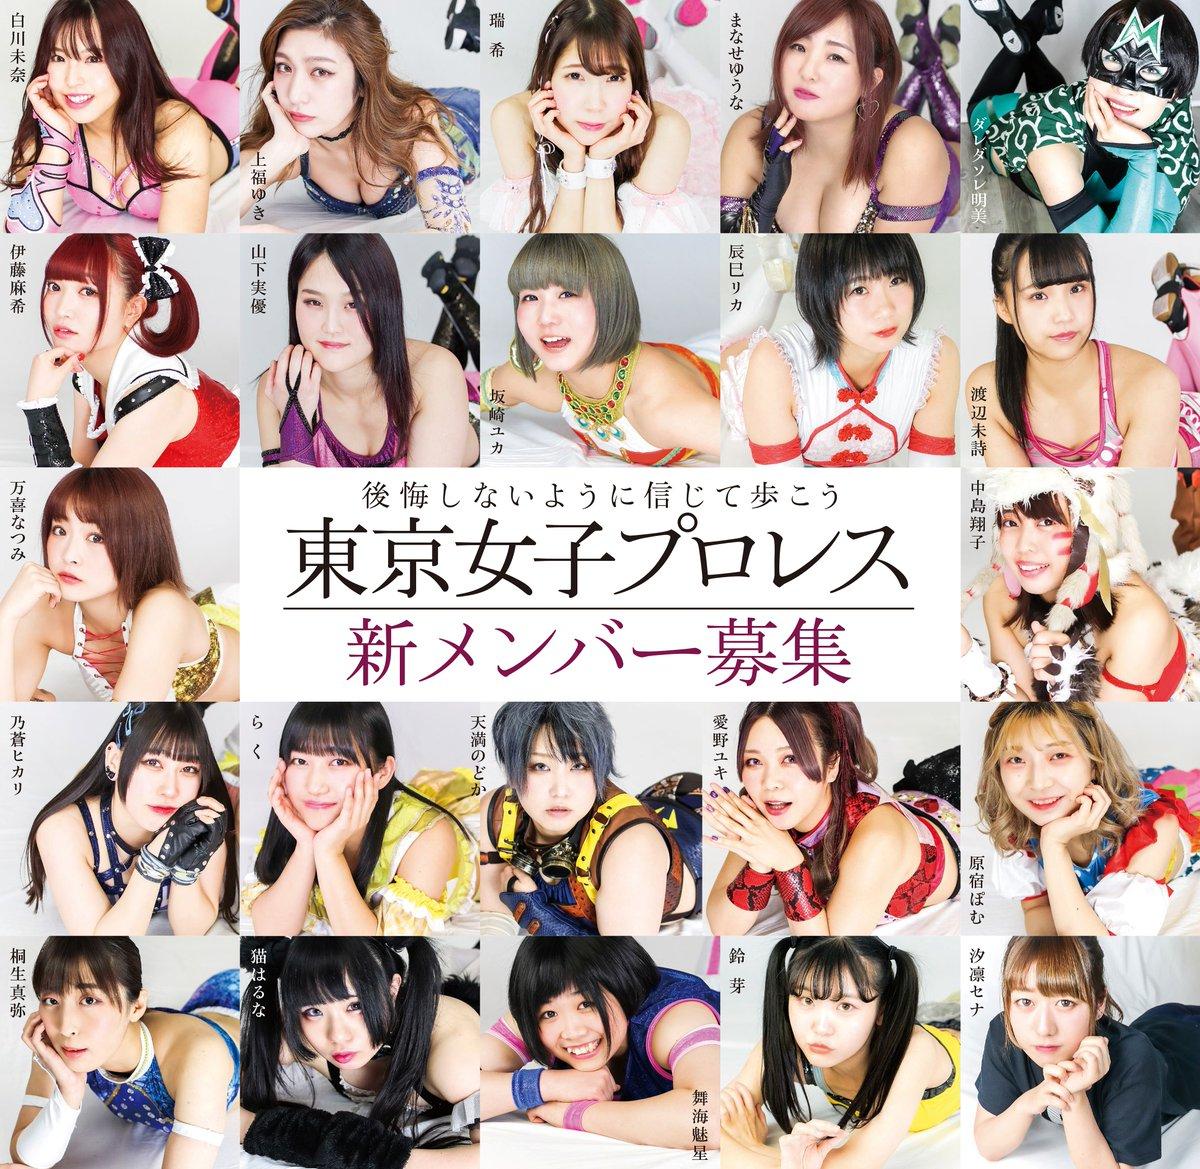 東京女子プロレスが、さらに成長、進化していくために新メンバーを大募集します! 身長や体重、現時点での格闘技経験やスポーツ歴に規定はありません。一番大事なのは「やる気」です。幅広い個性や才能を持った女の子の応募をお待ちしています。… https://t.co/KtTn1XpOJO